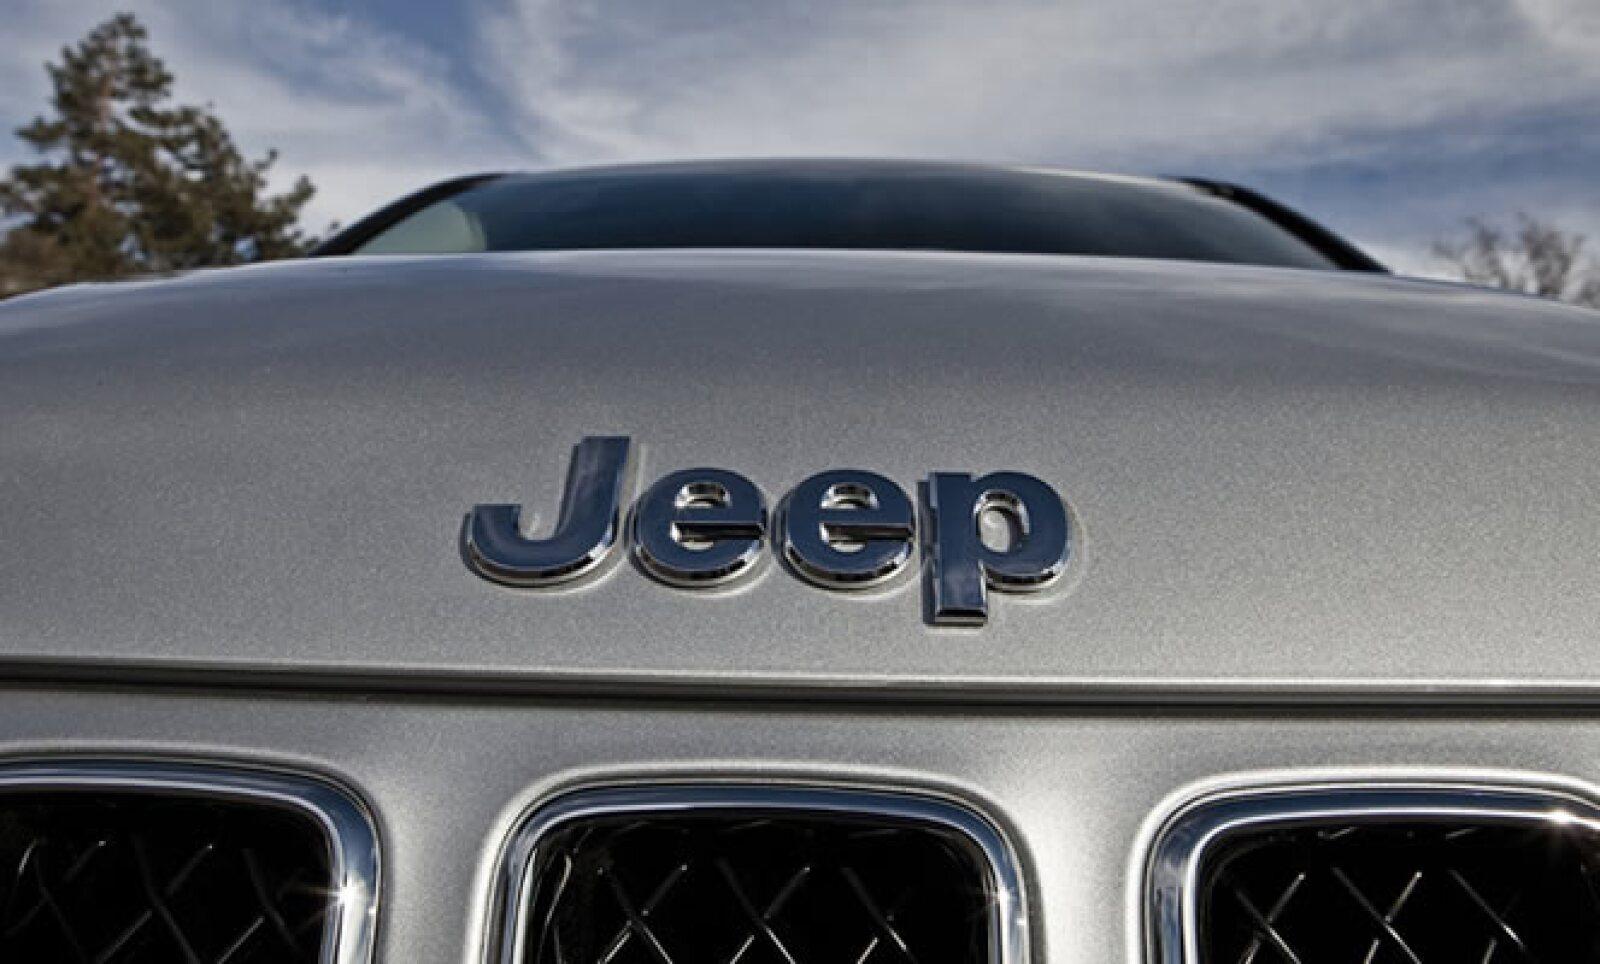 Construido en la planta de montaje de la firma en Belvidere, Illinois, los modelos 2012 ya se encuentra disponibles en varios mercados.